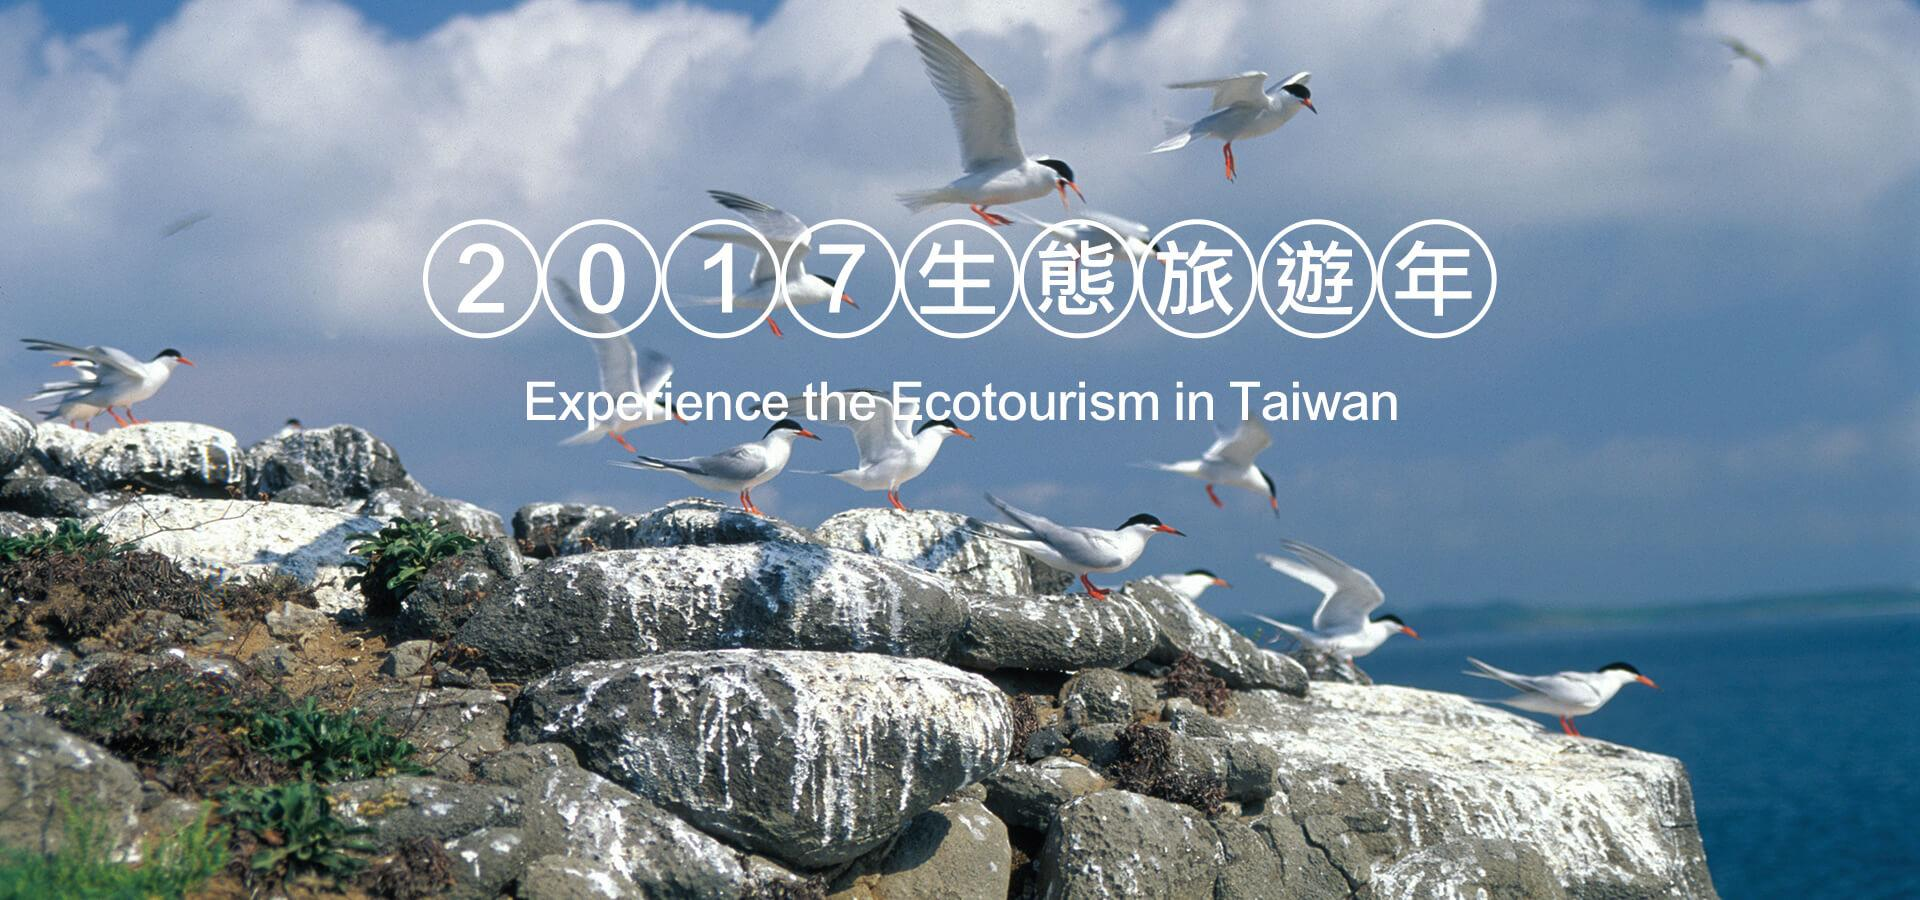 2017生態旅遊年